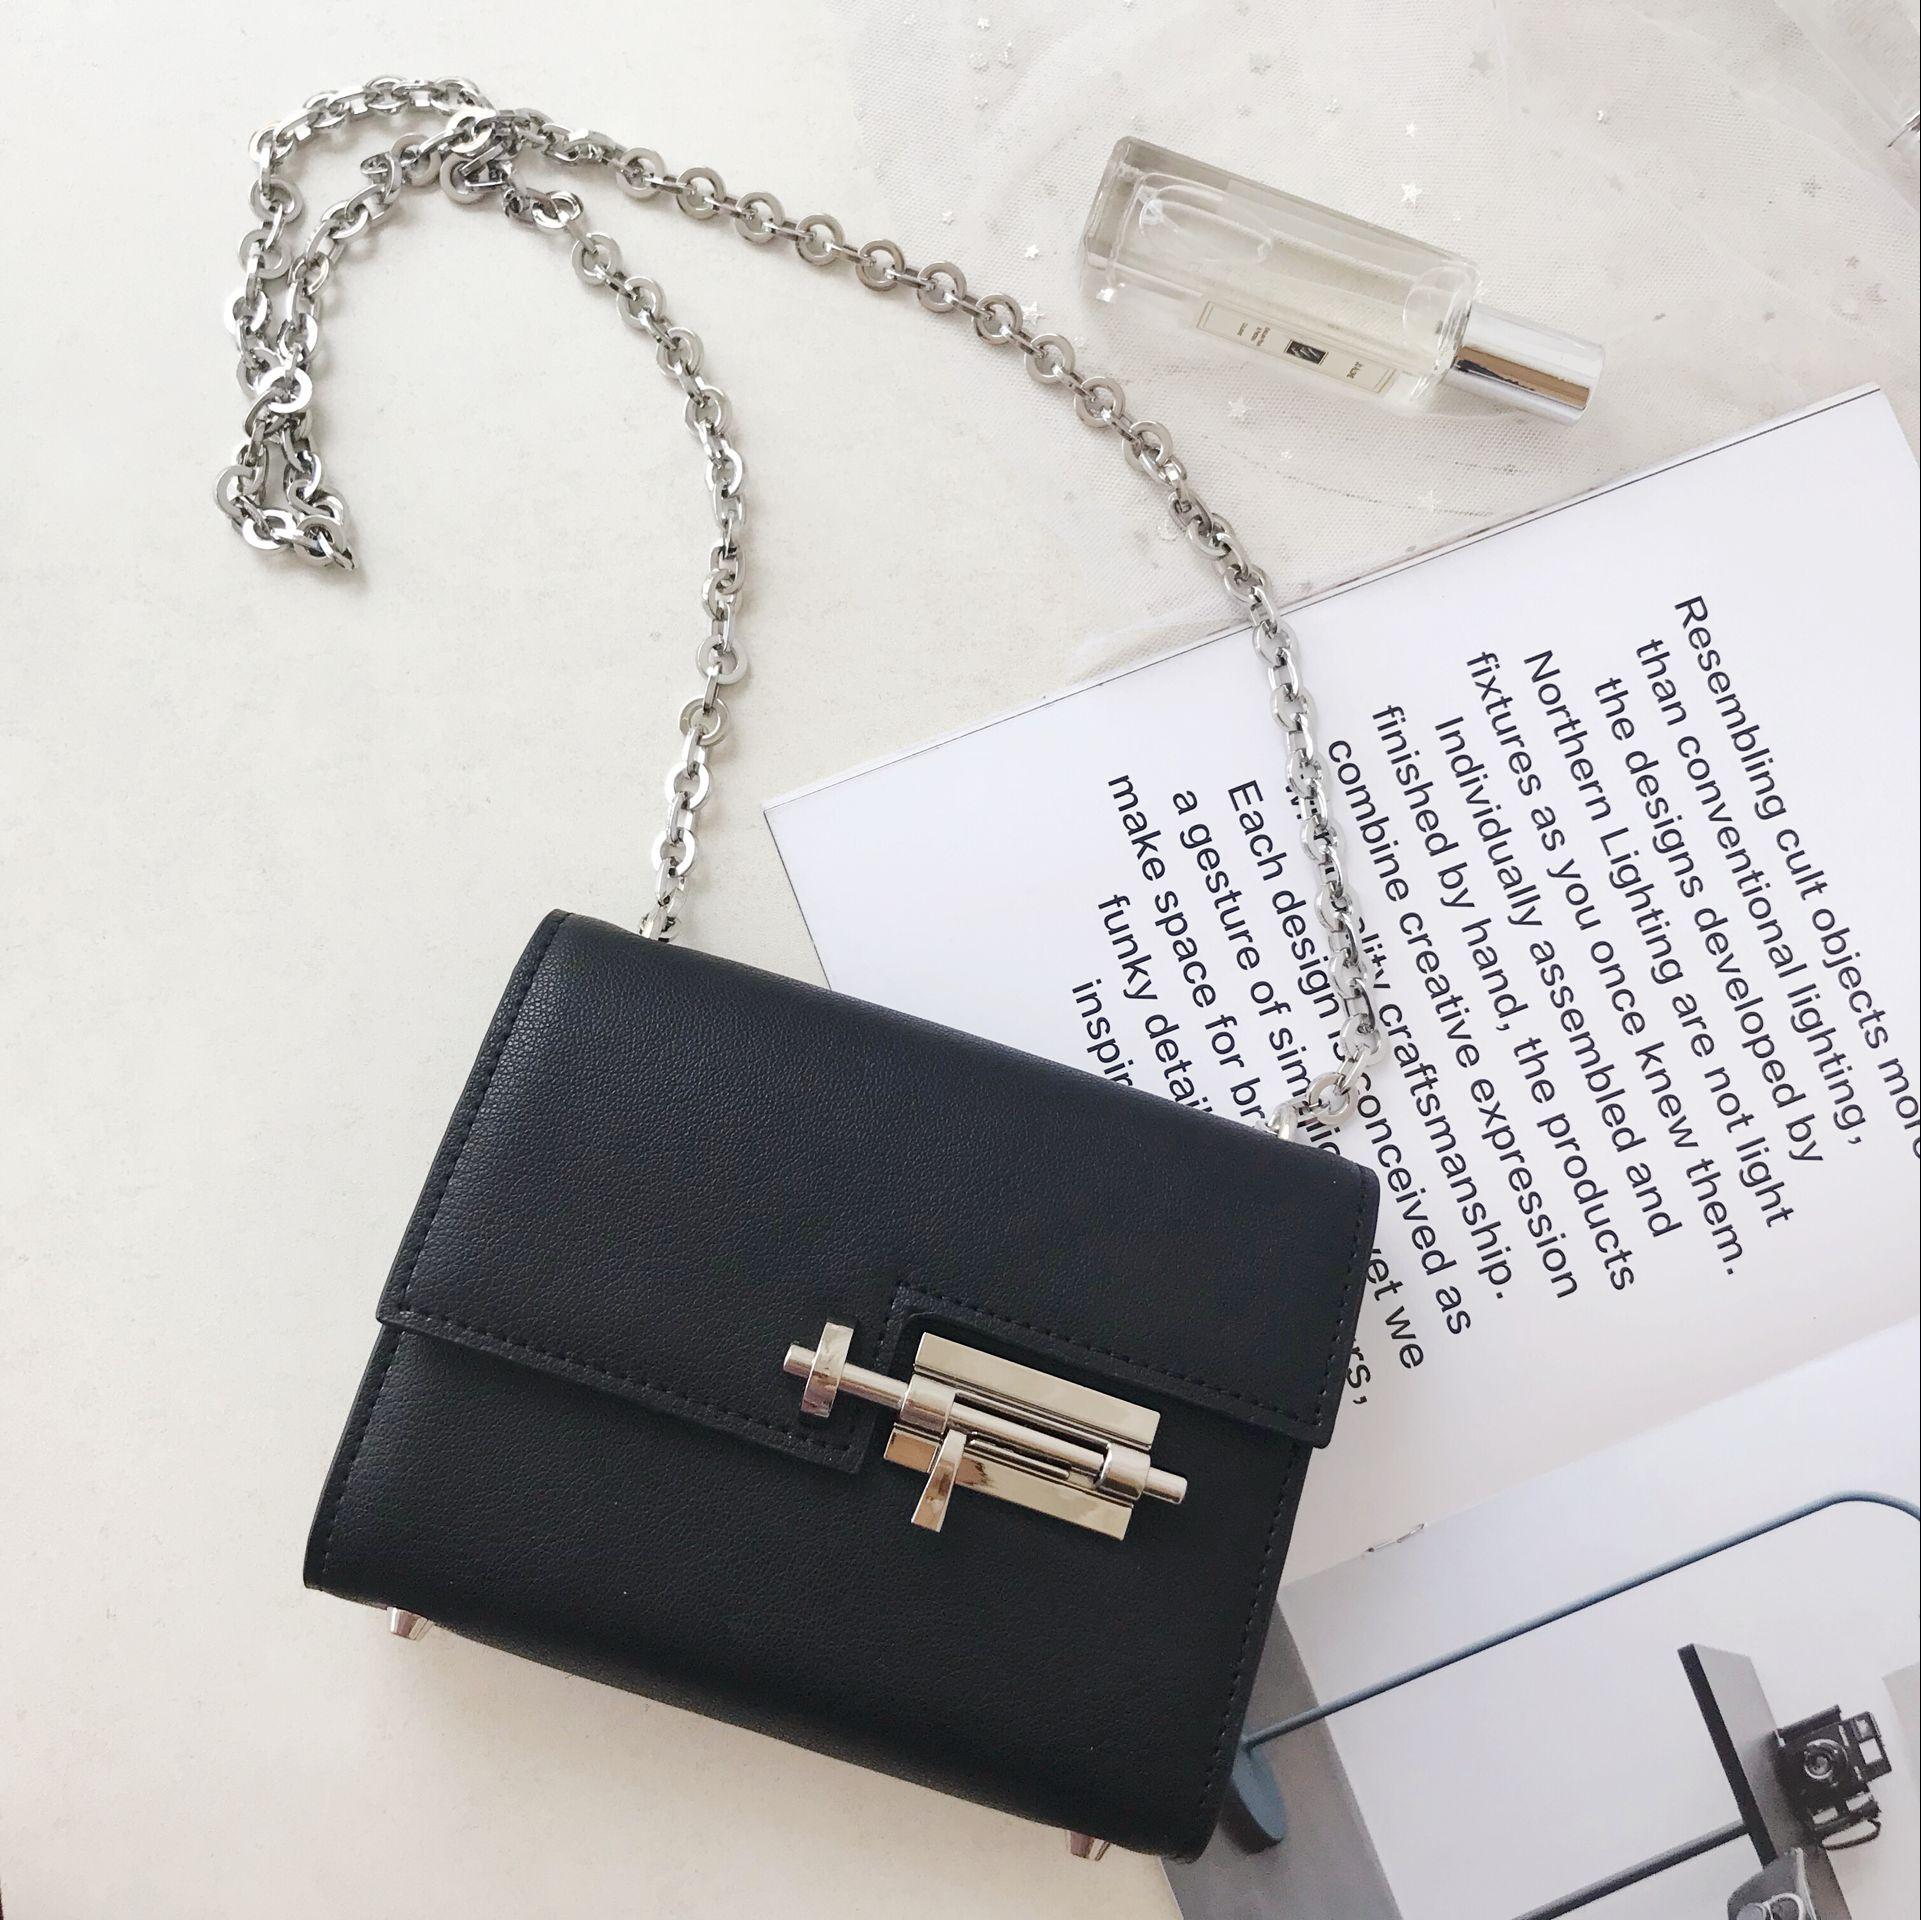 Marka prawdziwe skórzane Crossbody torba na co dzień torby na ramię srebrne łańcuszki czarny flap torba Bolsa Sac zachód projektanci Mini torby w Torebki na ramię od Bagaże i torby na  Grupa 3